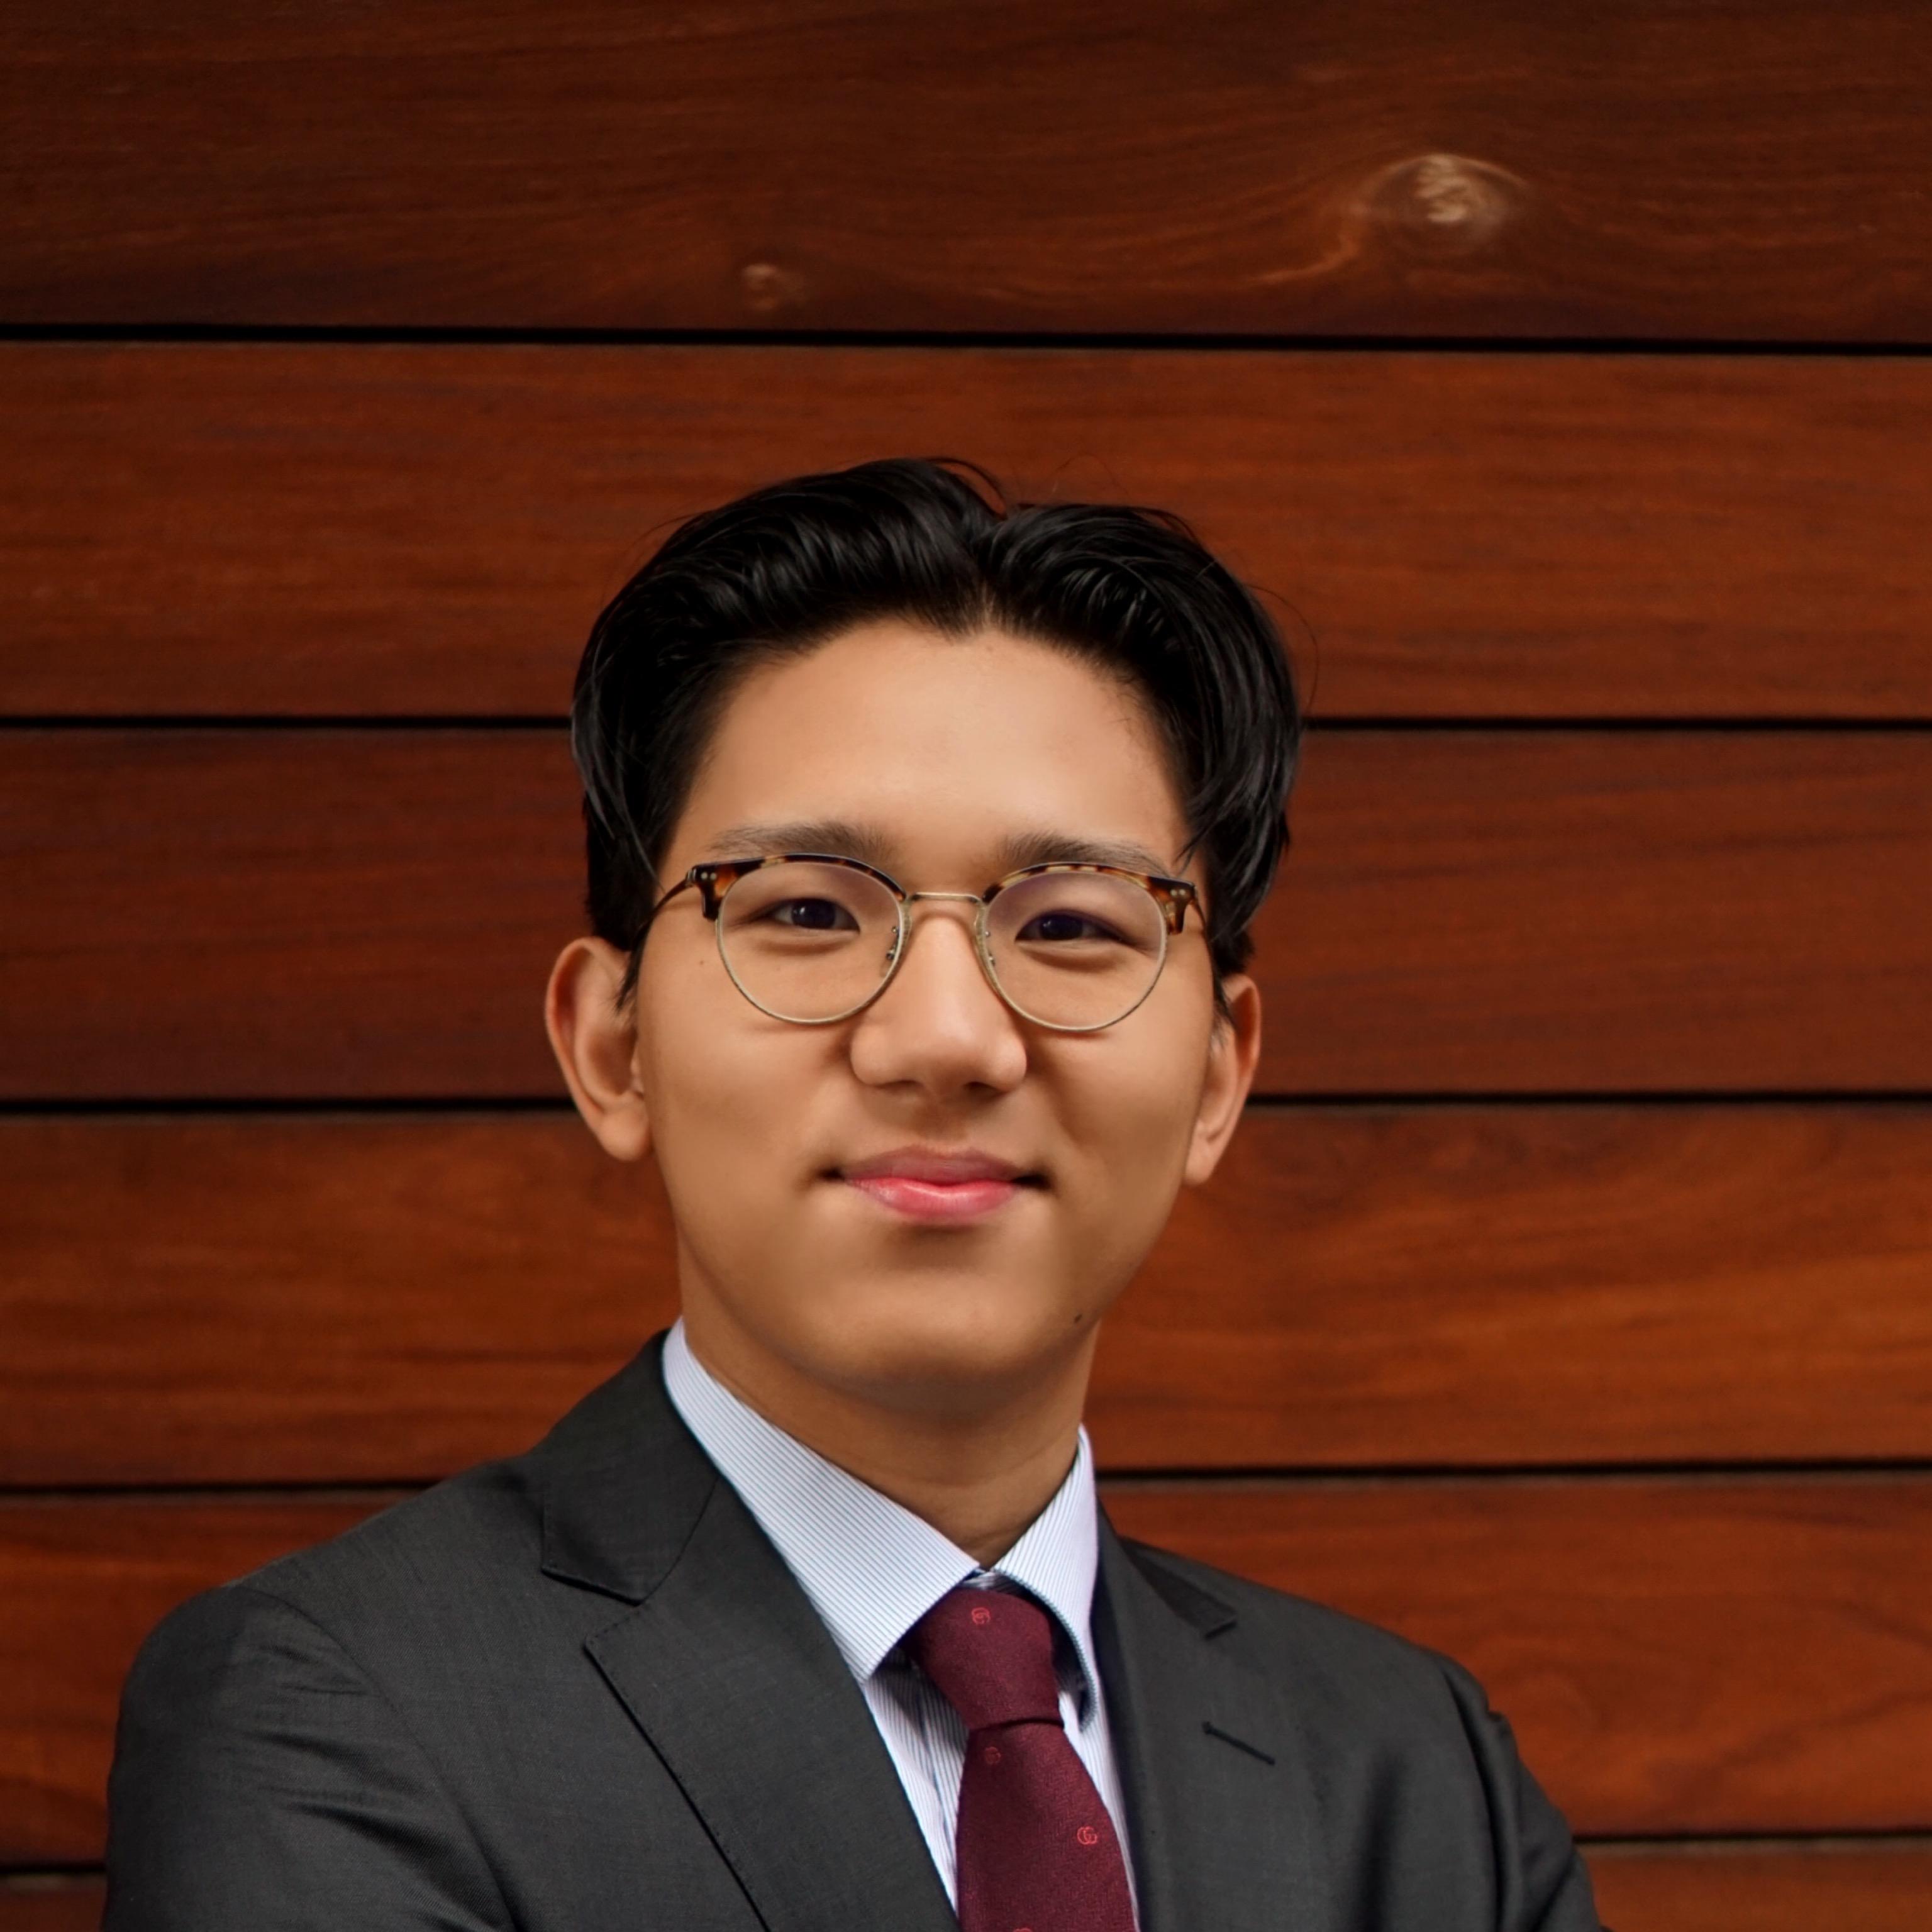 Jun Jang